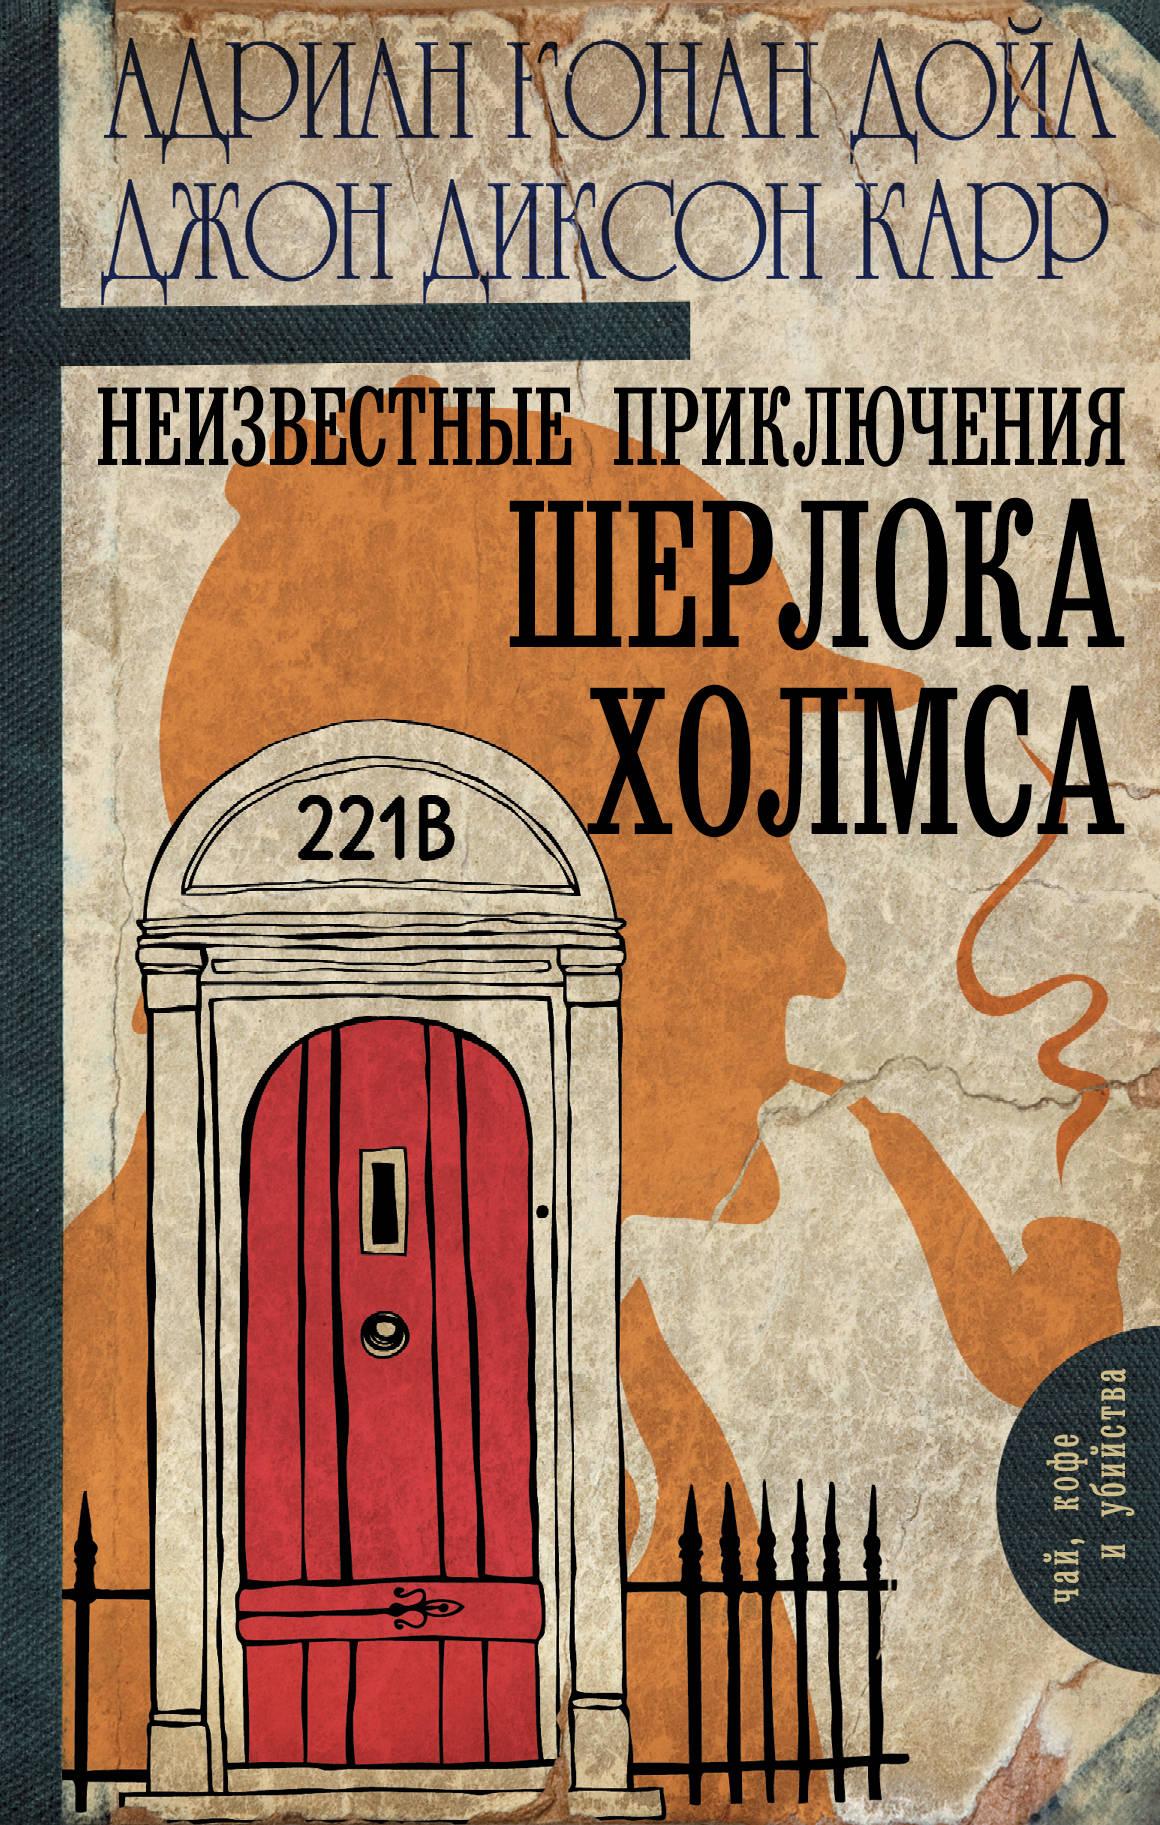 Дойл А. Неизвестные приключения Шерлока Холмса джон диксон карр загадка безумного шляпника